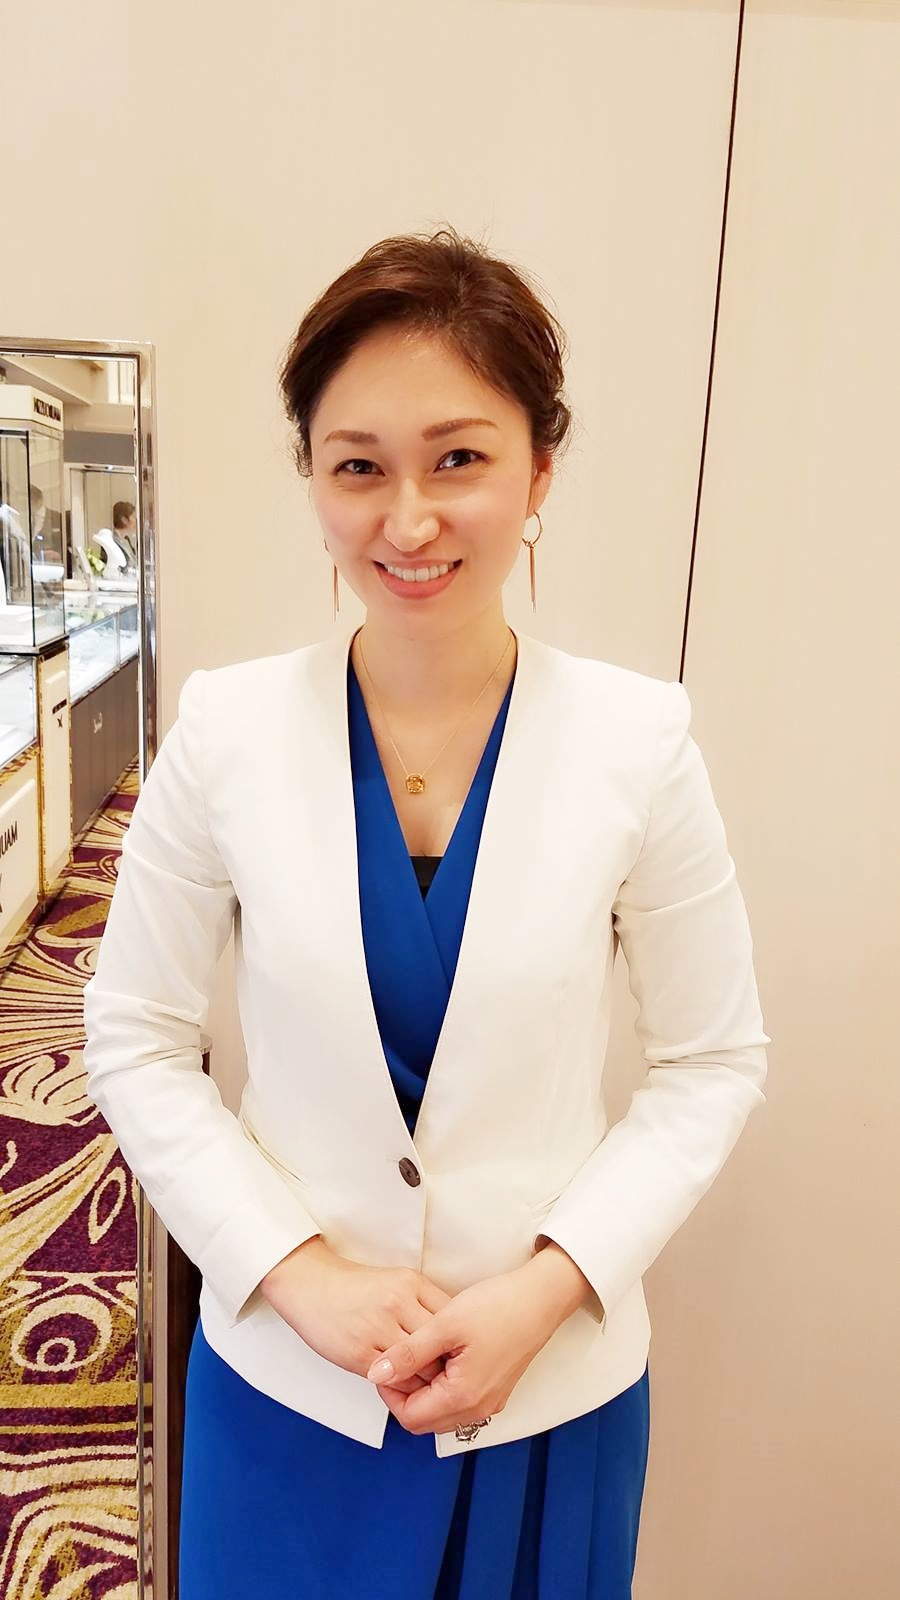 神戸大丸店パーソナルカラー診断イベント イン ホテルモントレ姫路